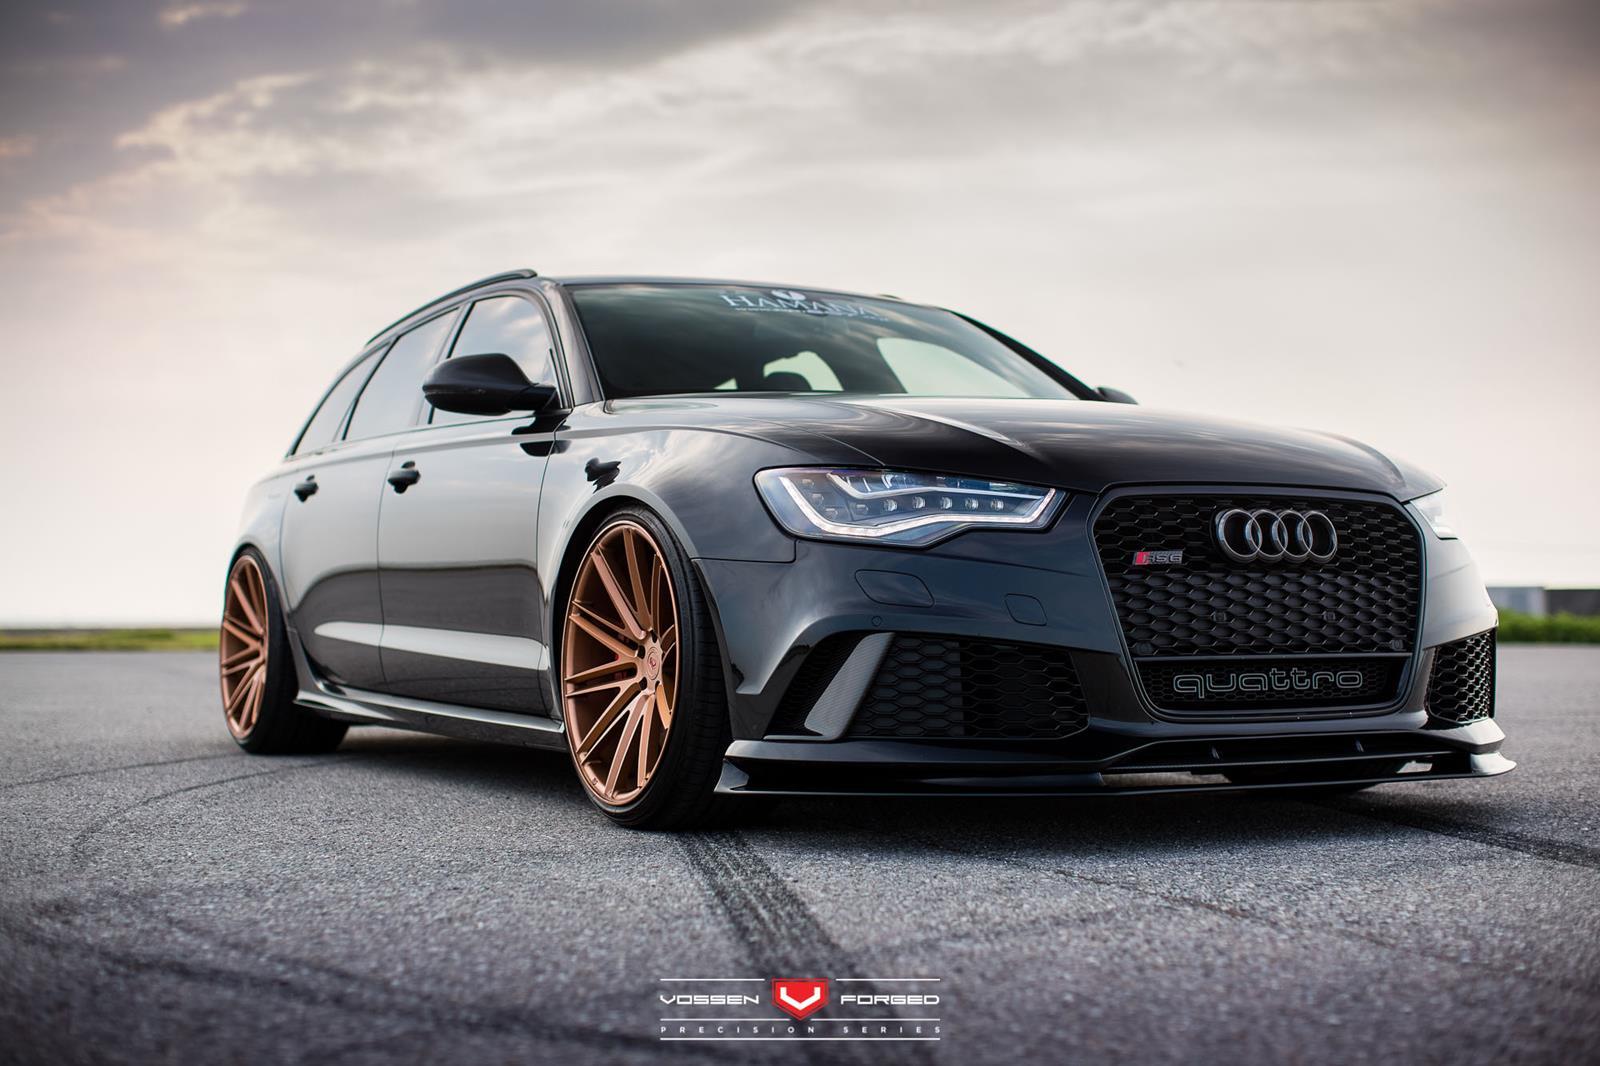 Audi Rs6 Und Co Neue Turbolader Bringen Mehr Als 800 Ps